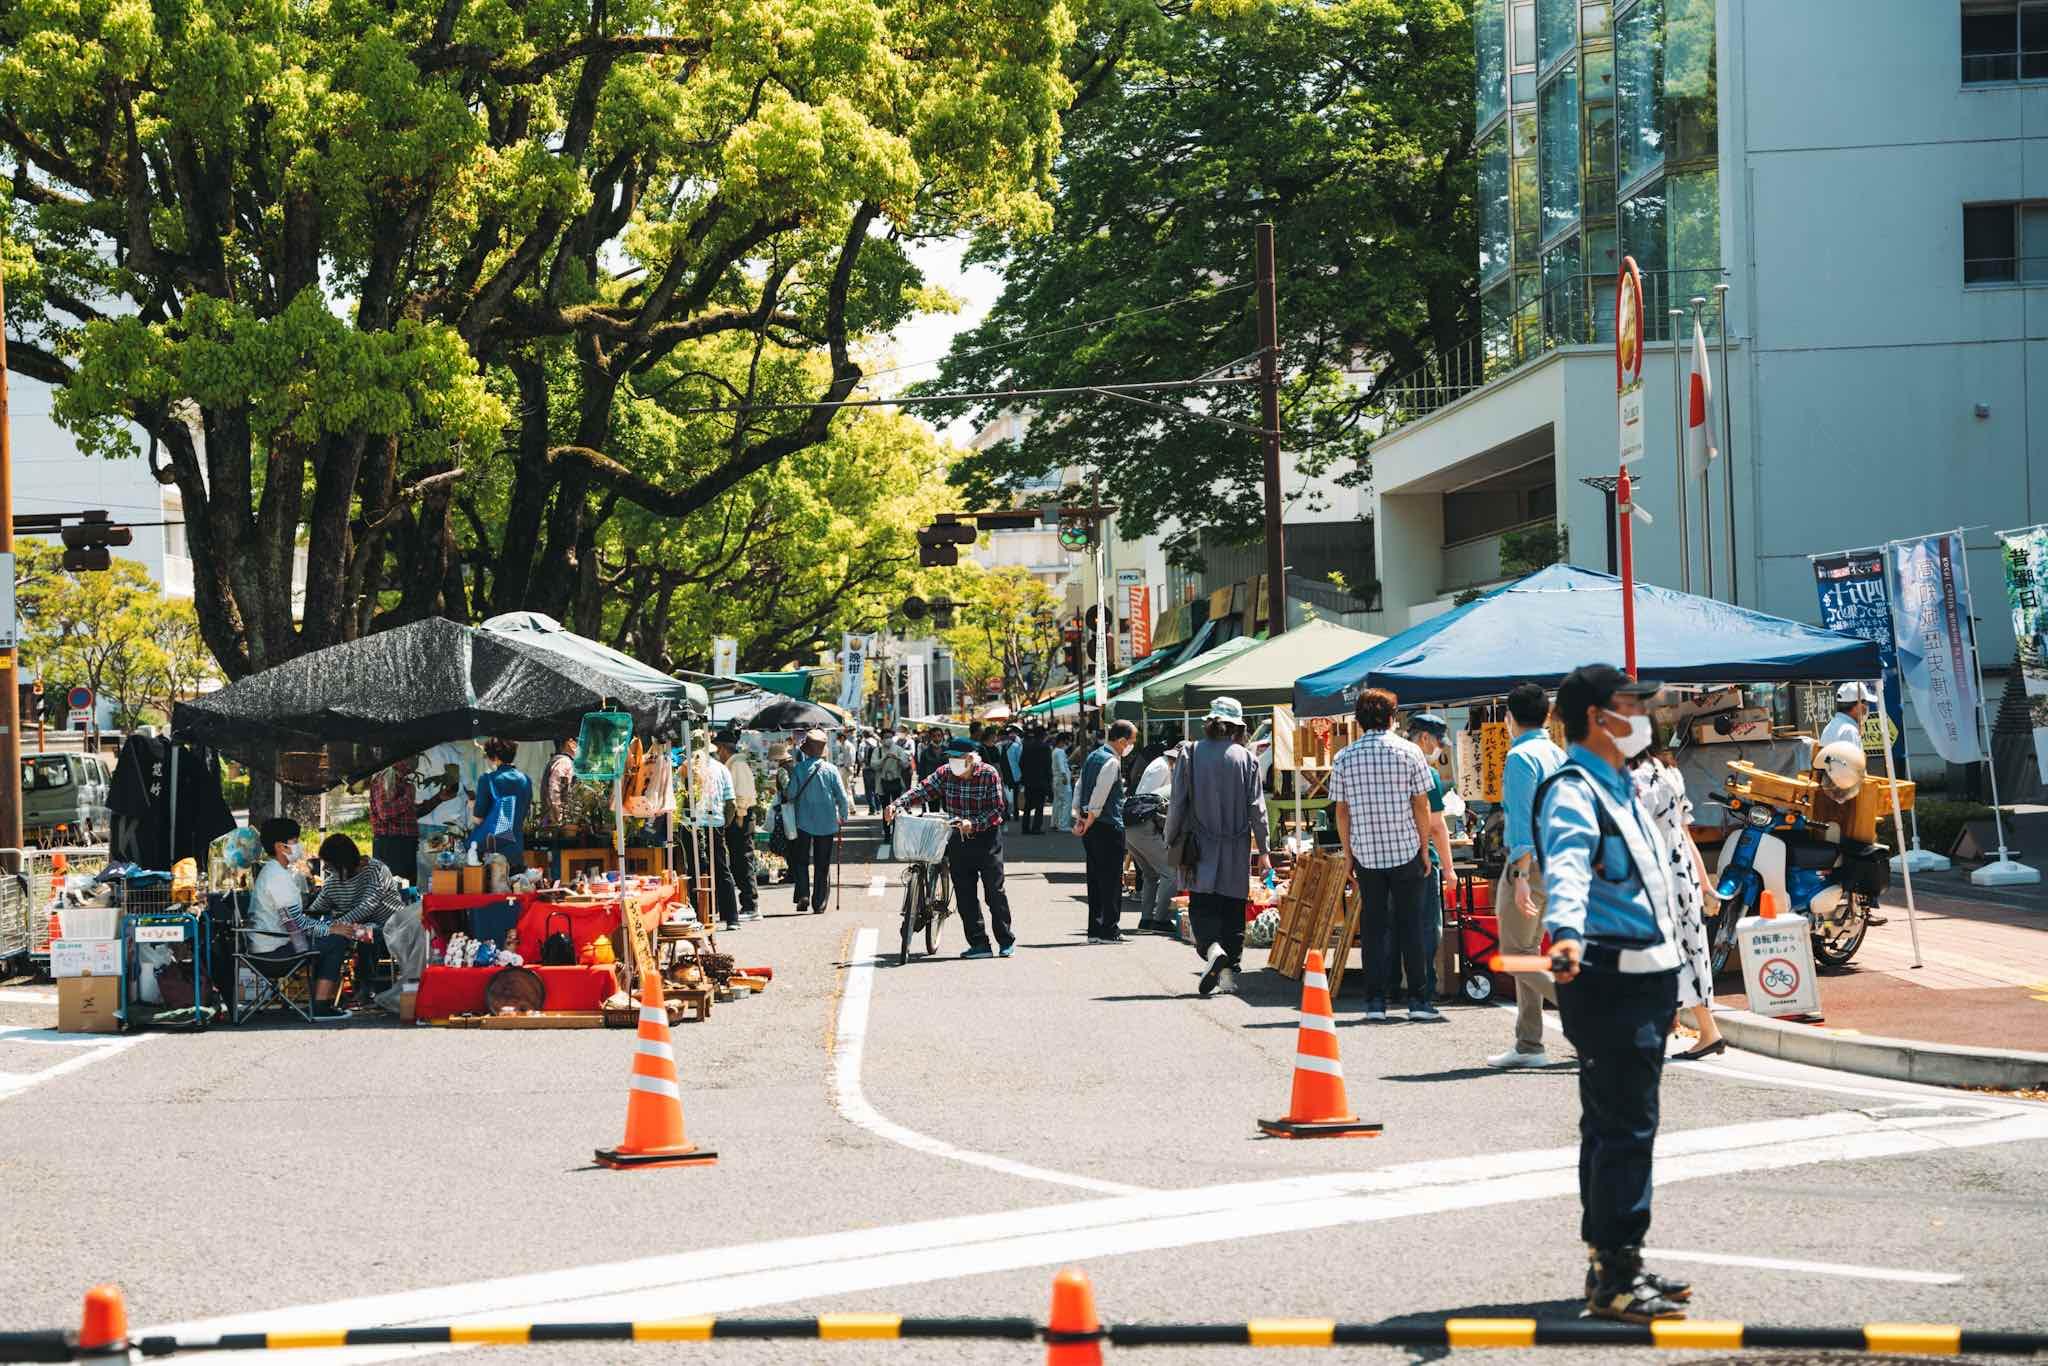 【高知日帰り旅】活気に溢れ、個性的なお店が立ち並ぶ日曜市